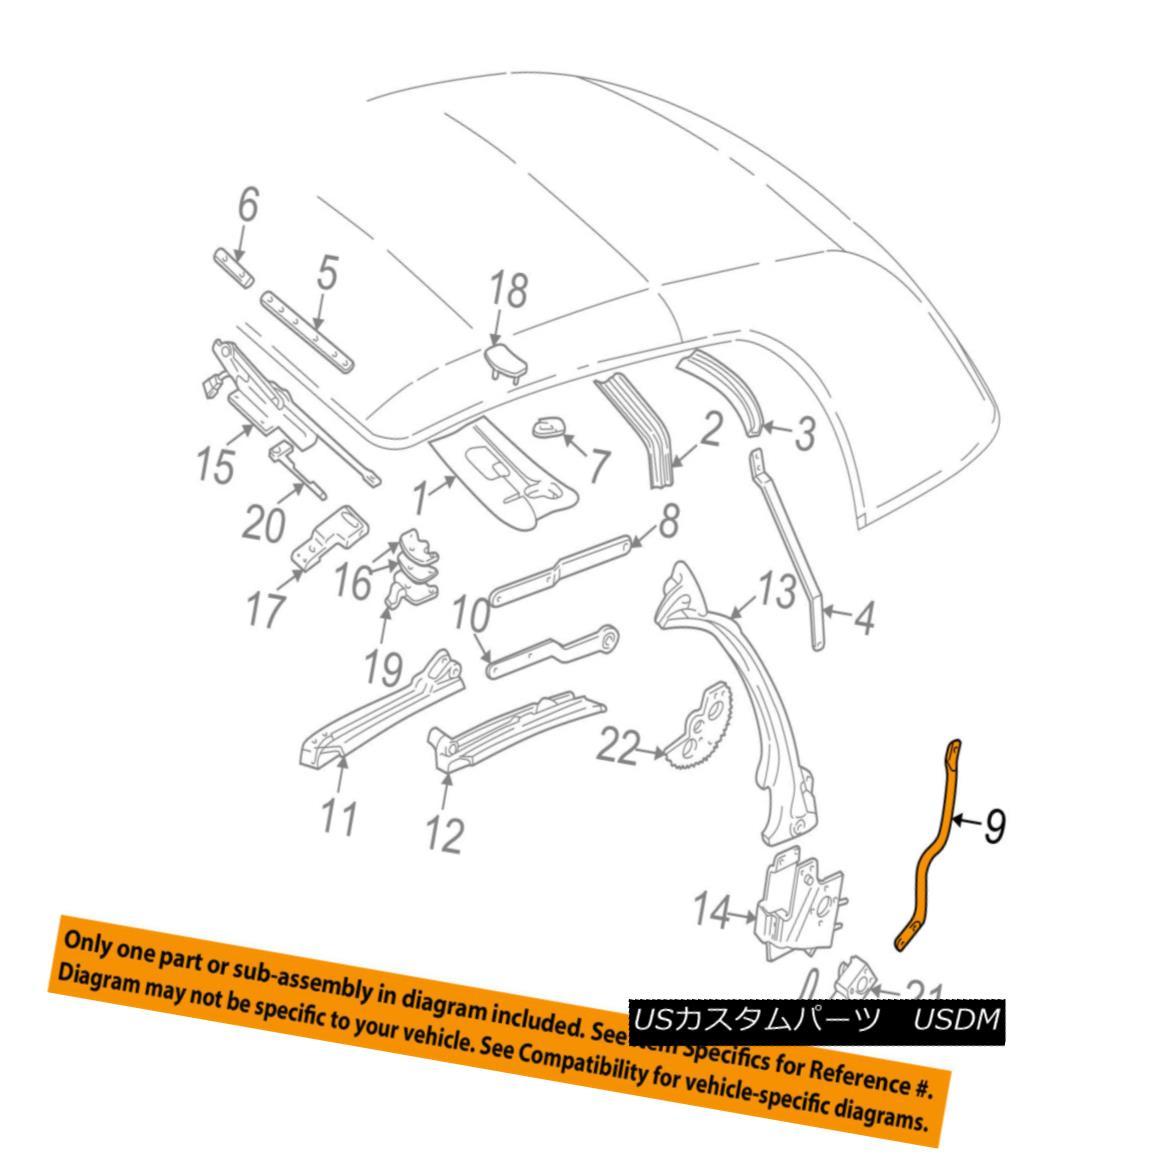 幌・ソフトトップ GM OEM Convertible/soft Top-Link Left 12368121 GMのOEMコンバーチブル/ so ftトップリンク左12368121